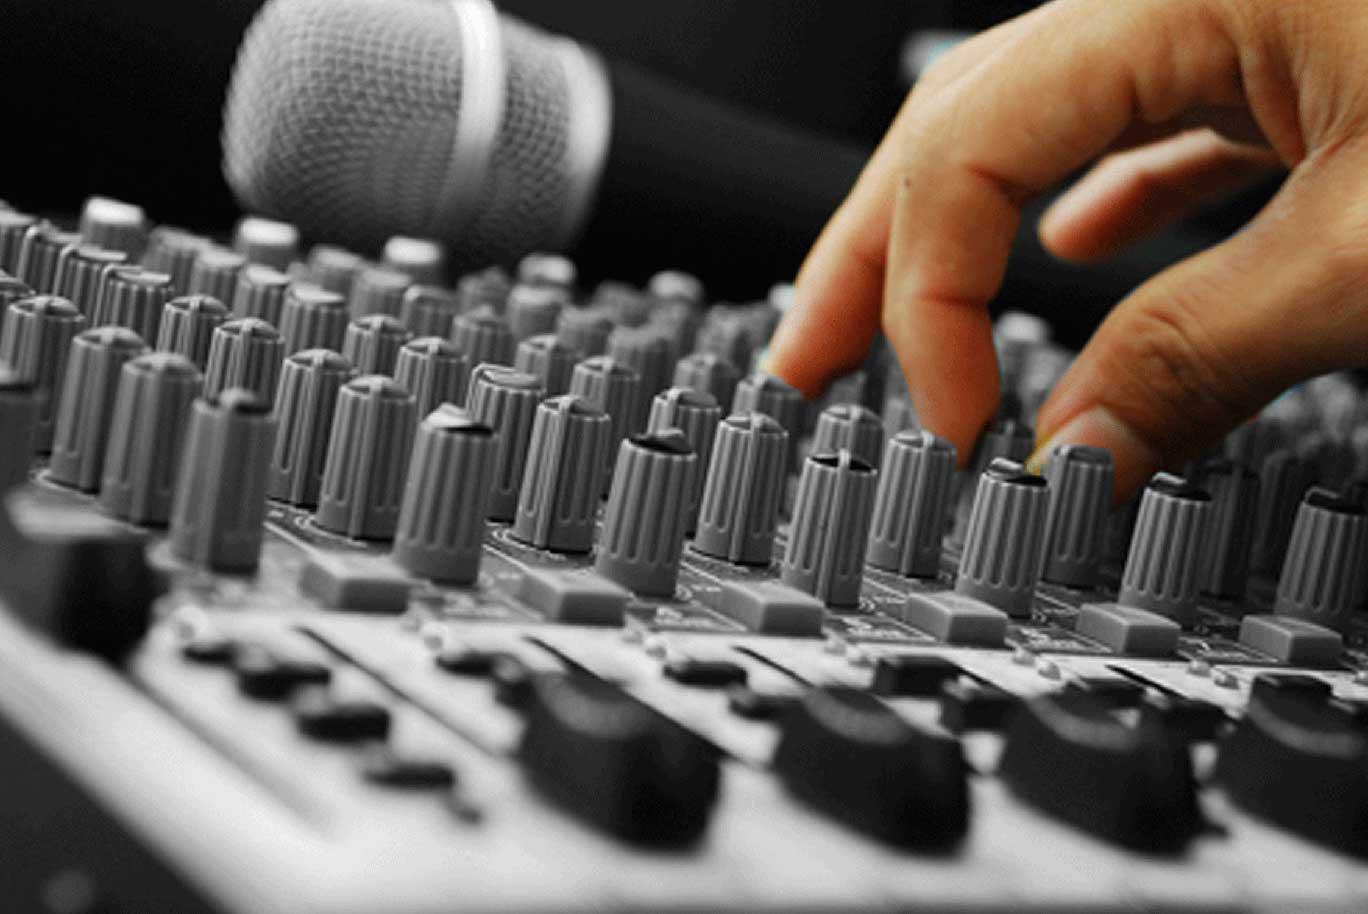 سیستم صوت